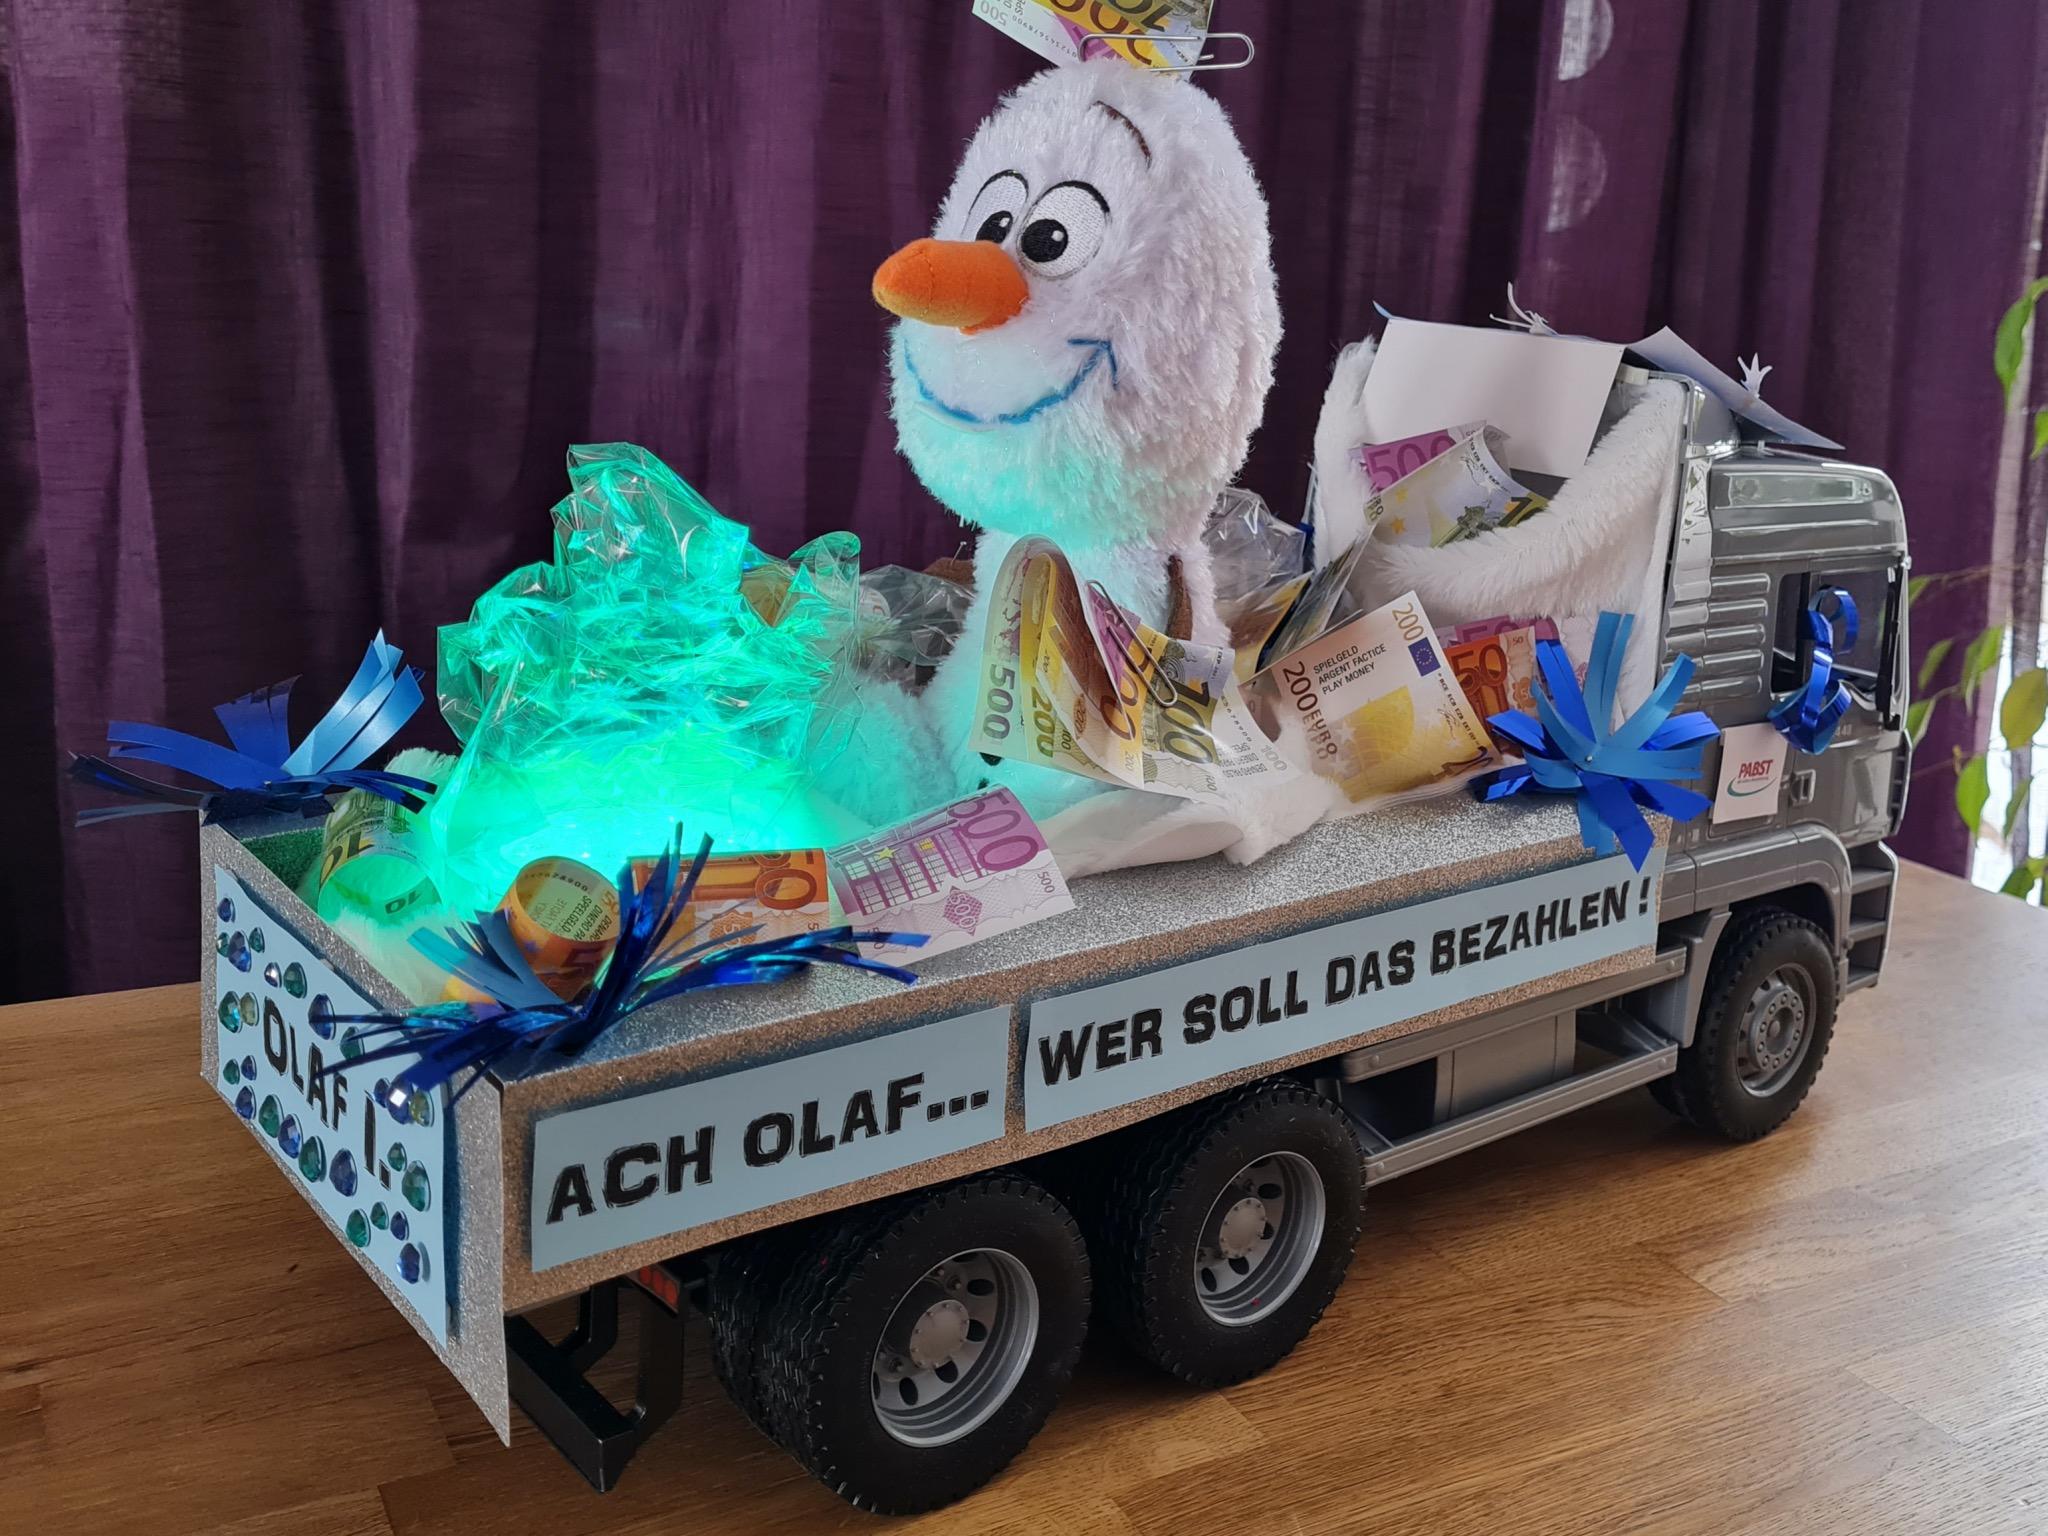 Schon 30 Anmeldungen gab es für den Miniatur-Faschingszug - u.a. wurde dieser Olaf-Wagen eingereicht. Foto: Maurice Breitkopf